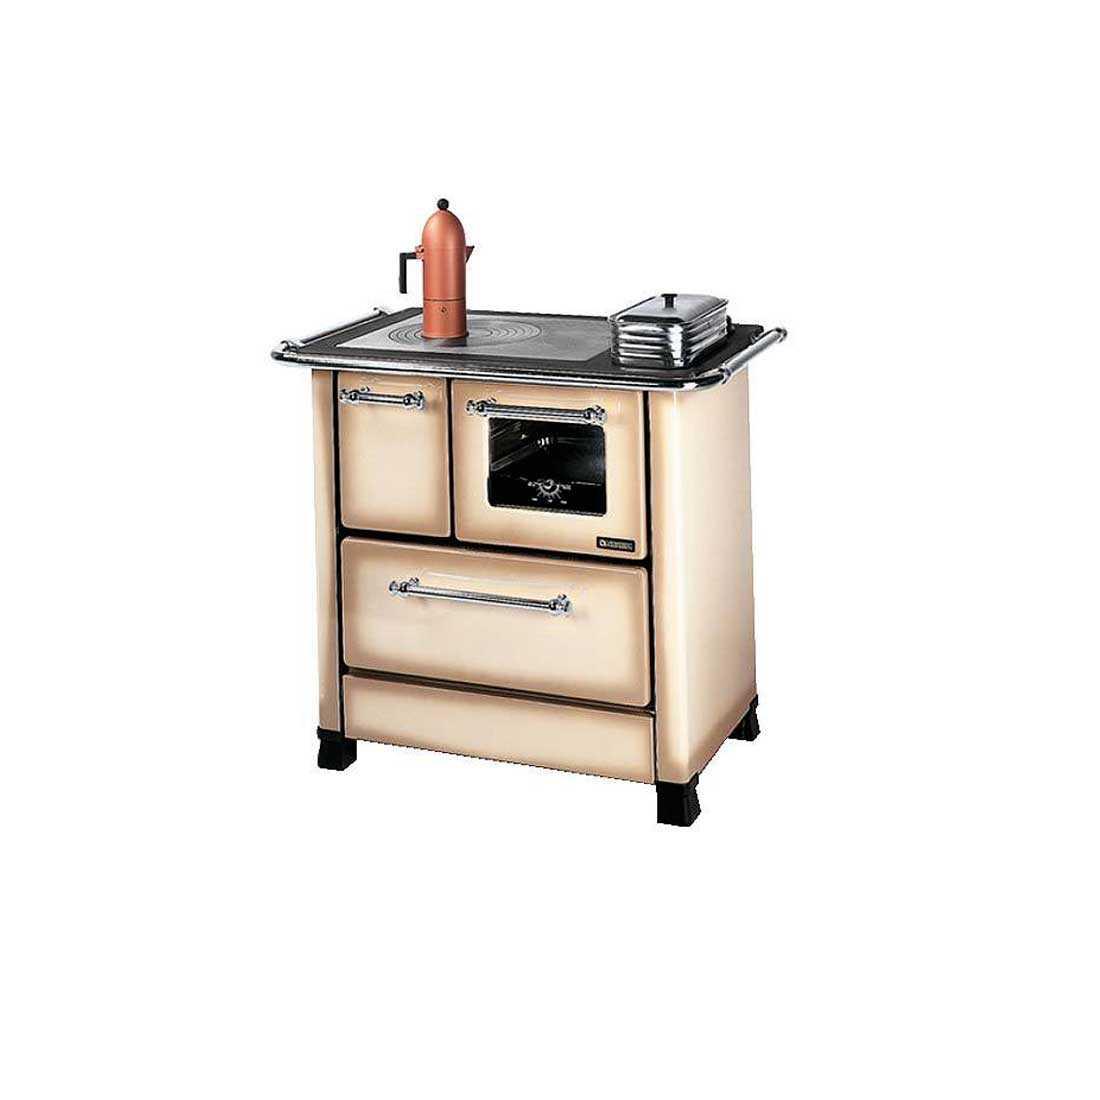 Cucina a legna cappuccino modello Romantica 4,5 di Nordica potenza termica 6,0 Kw